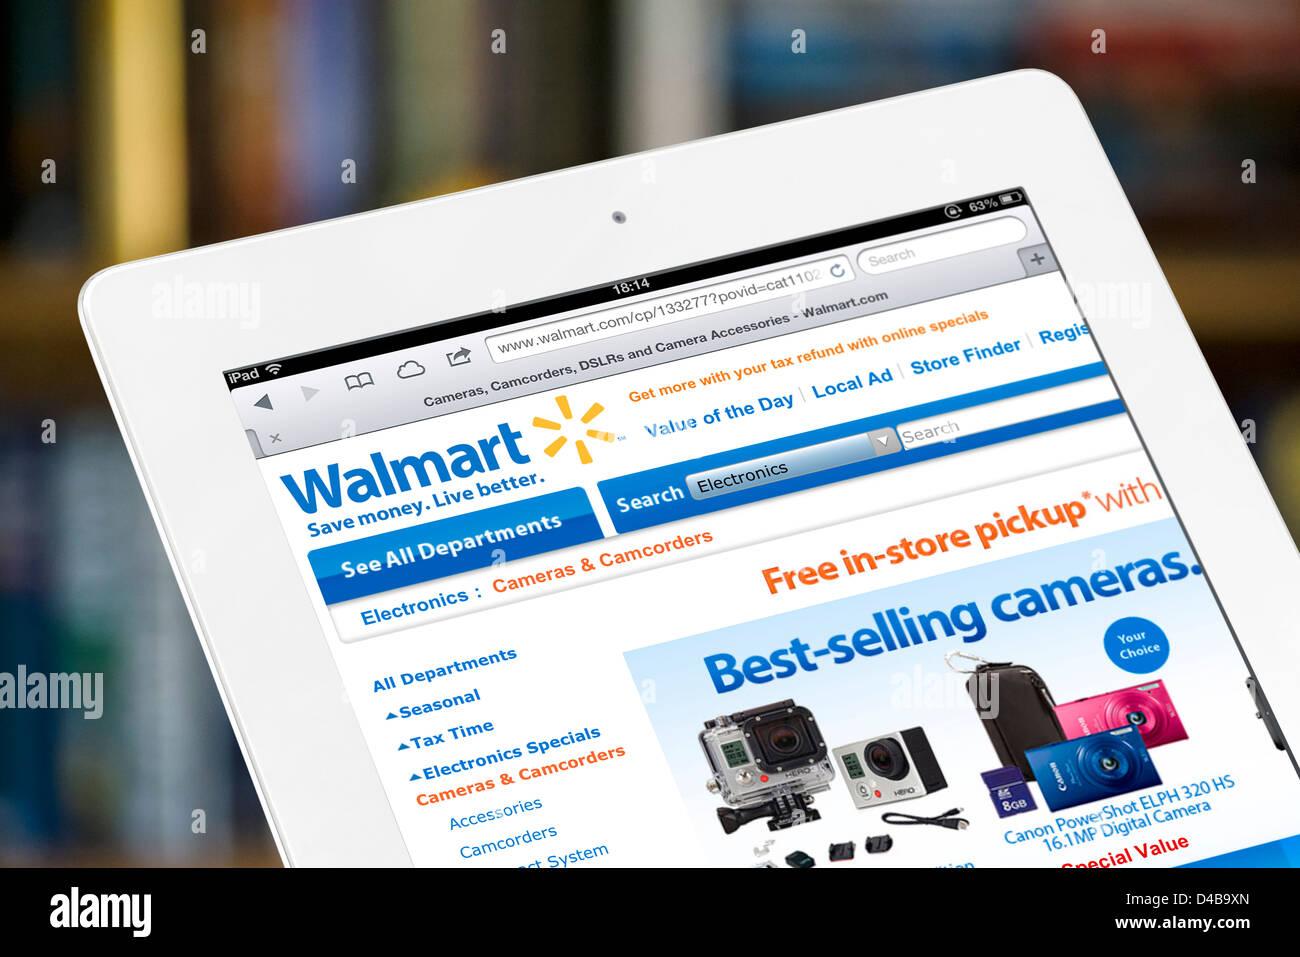 Compras en línea en el sitio web de Walmart.com, EE.UU. Imagen De Stock